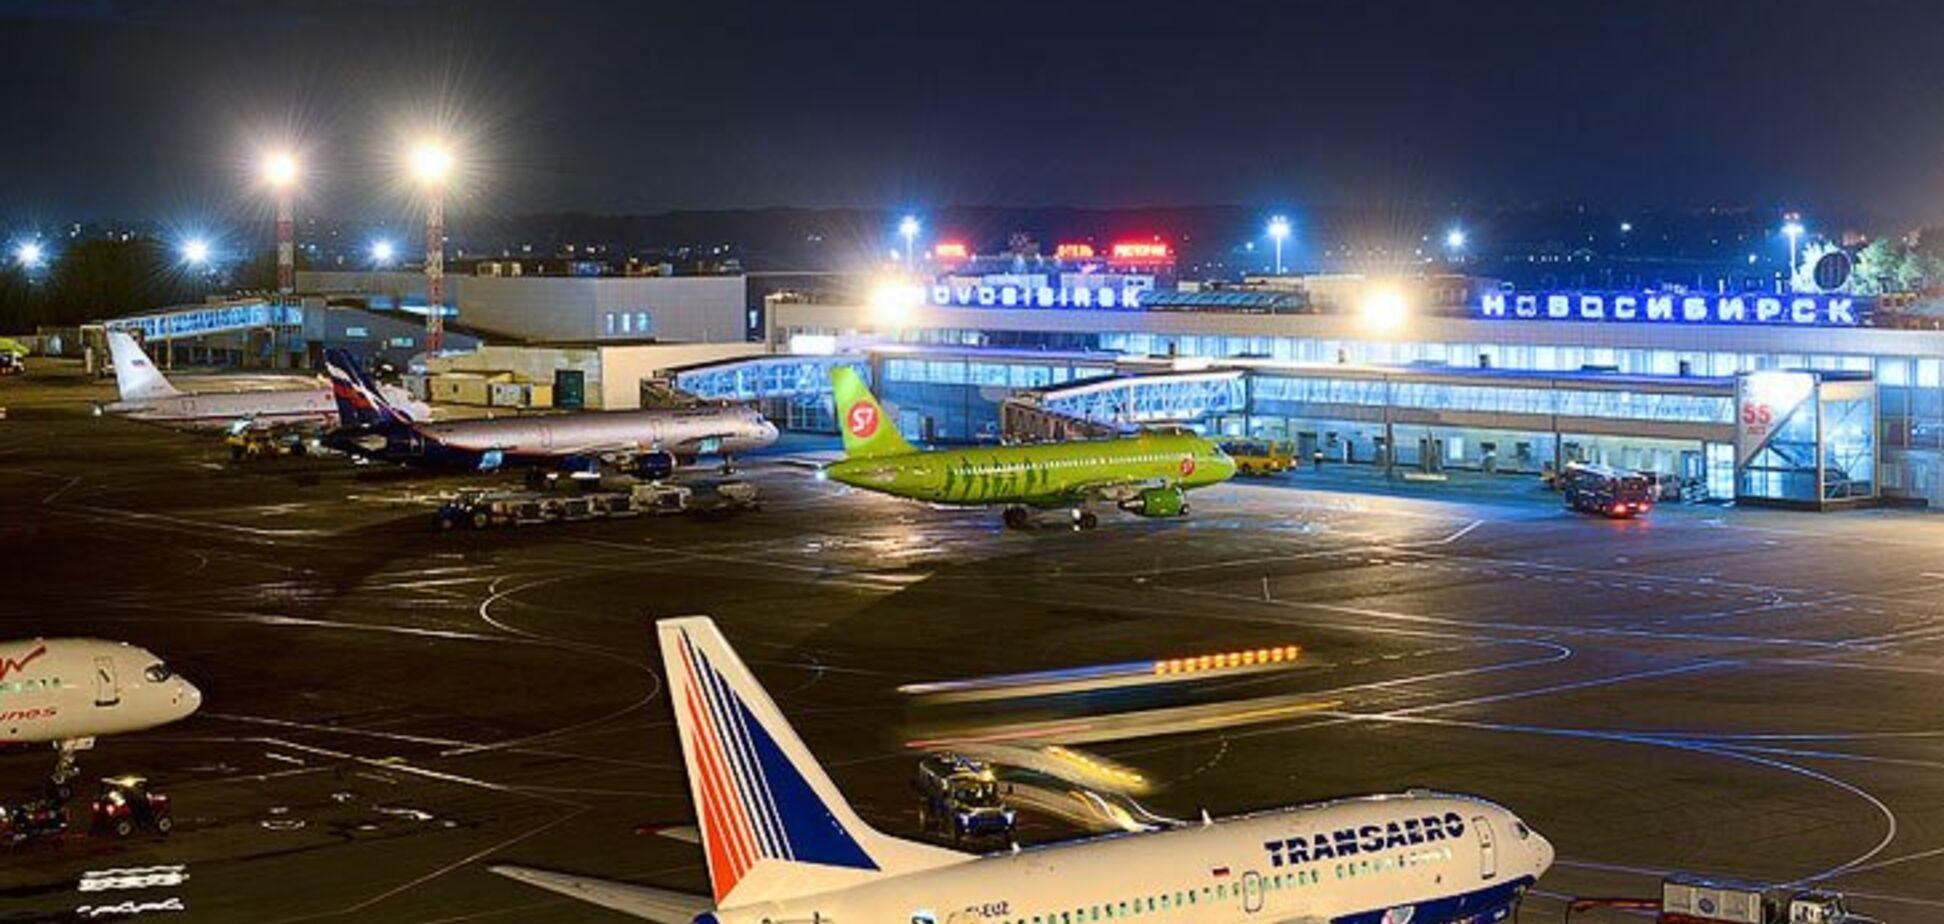 Загорівся двигун: у Росії трапилася страшна НП з пасажирським літаком